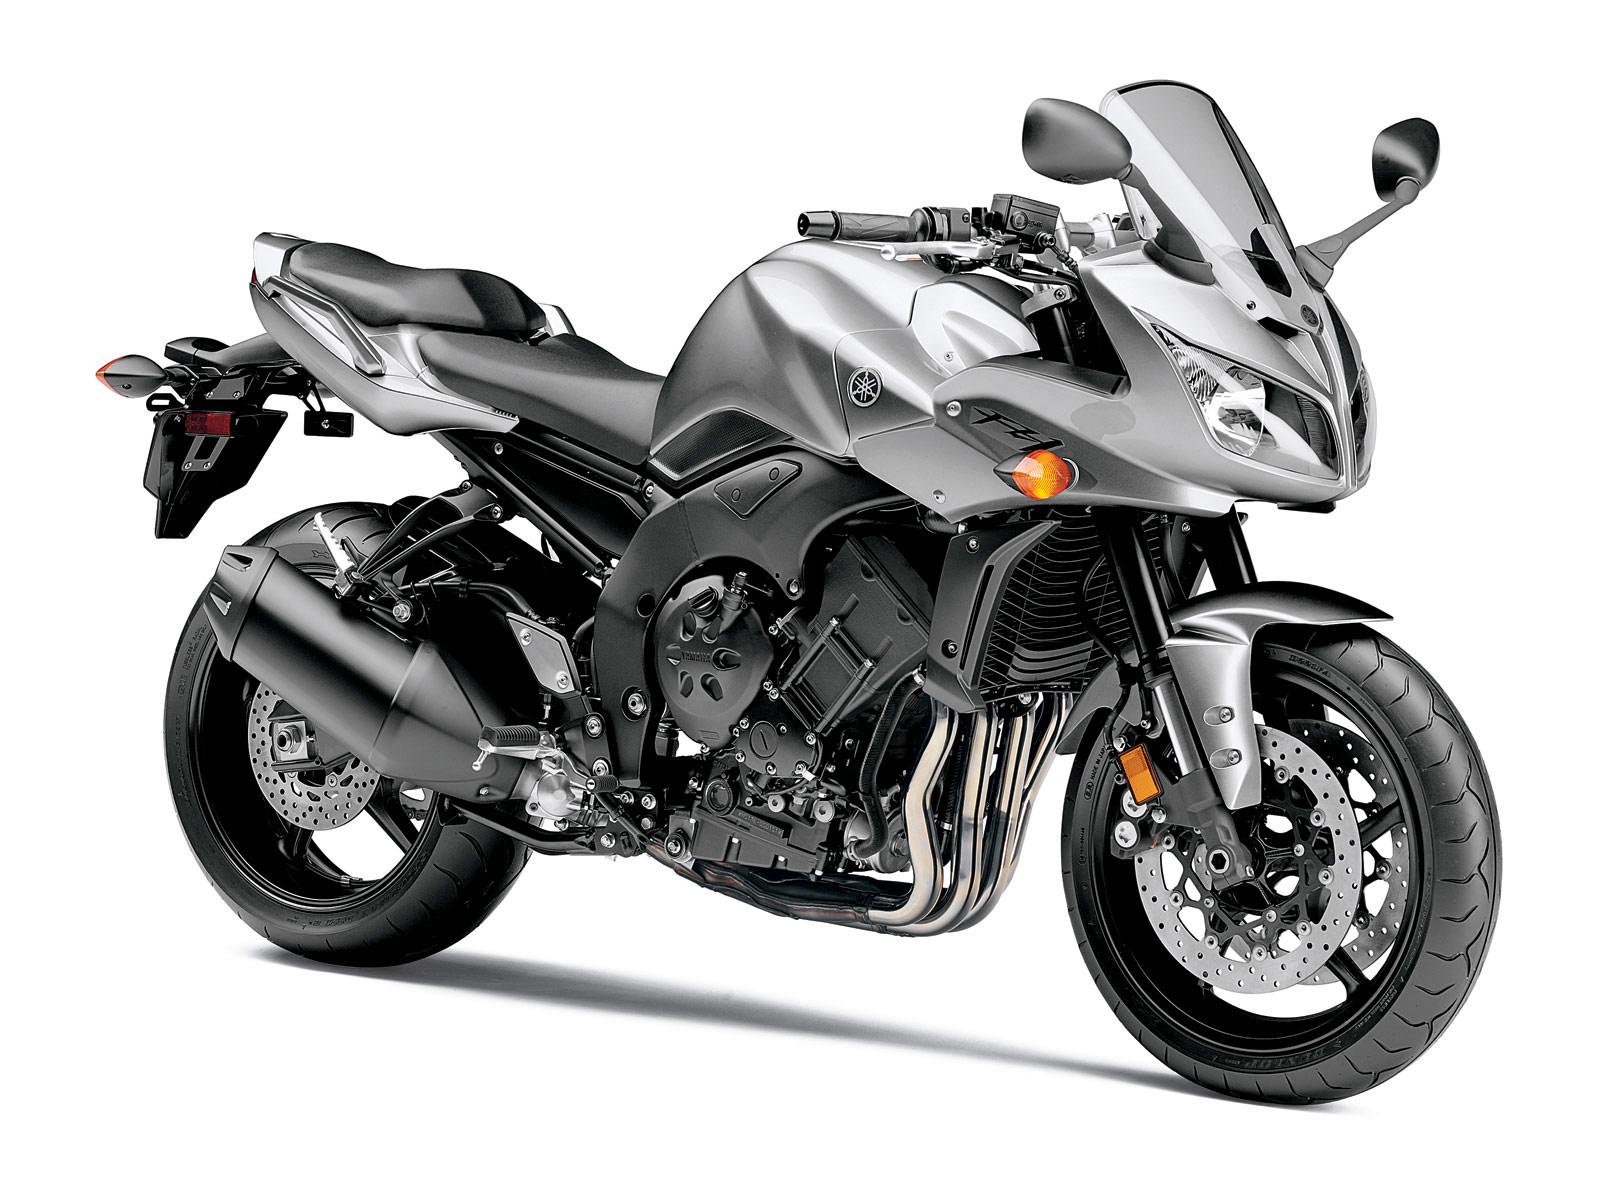 2011 Yamaha FZ 1